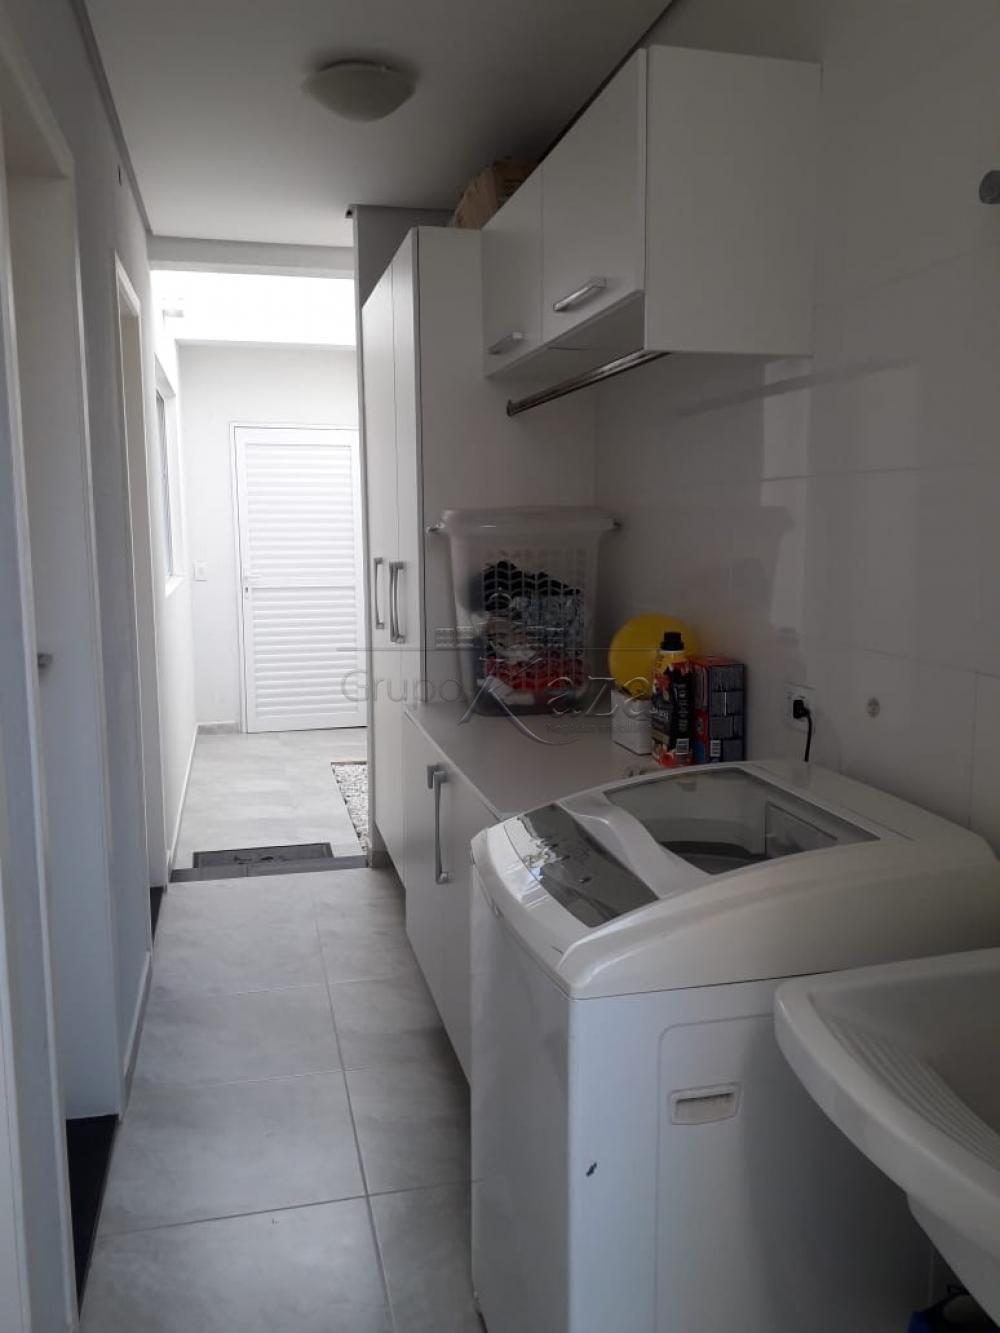 Comprar Casa / Condomínio em São José dos Campos apenas R$ 960.000,00 - Foto 37